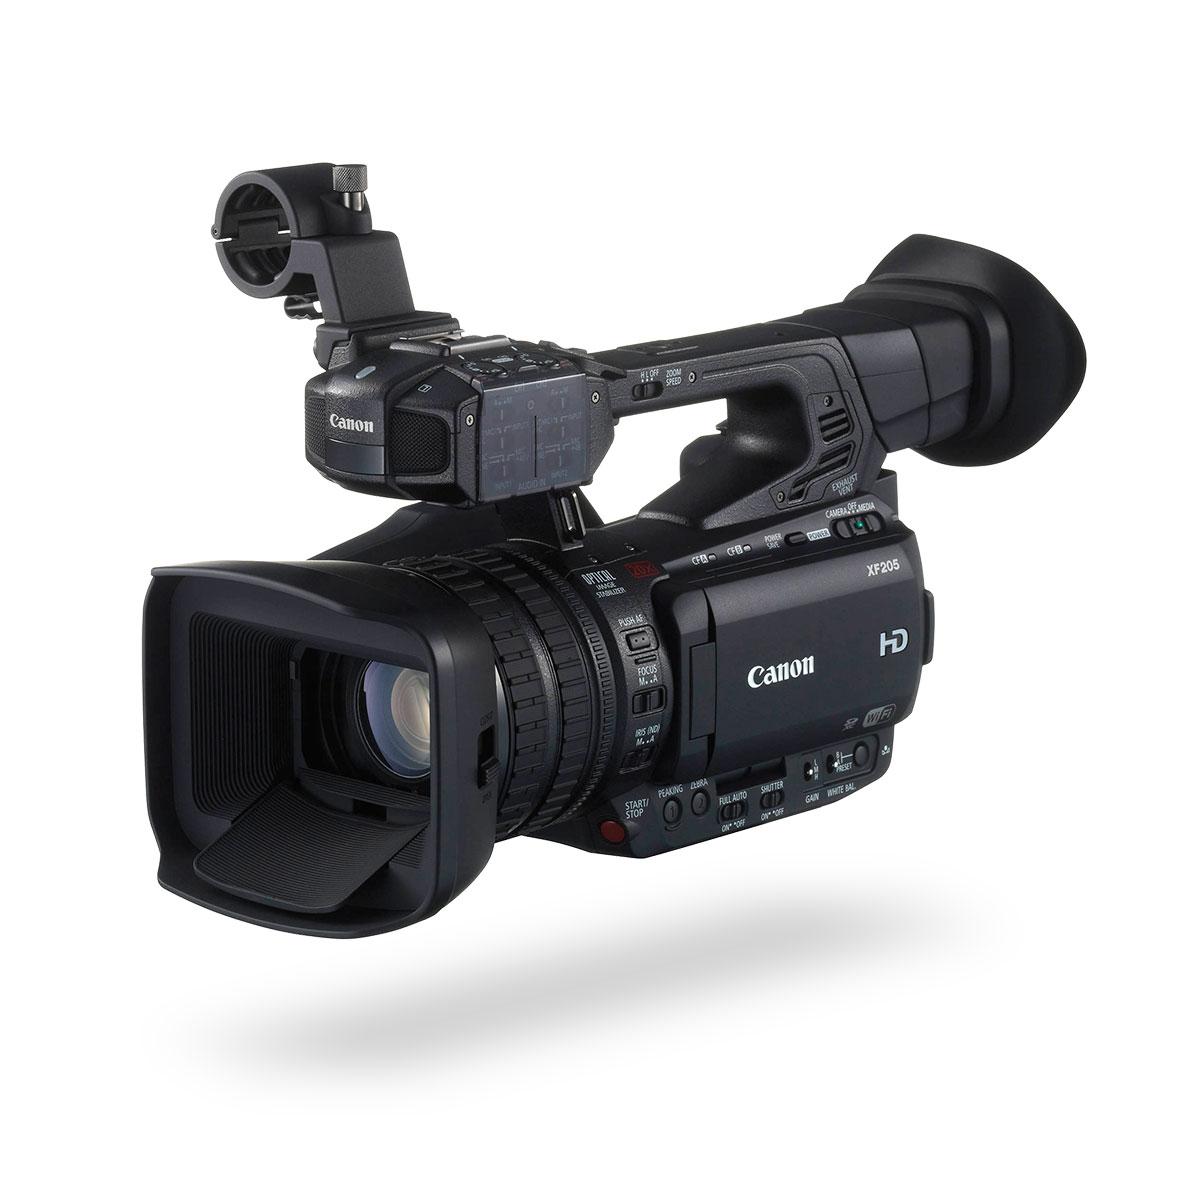 Canon XF205 Digital Video Camera